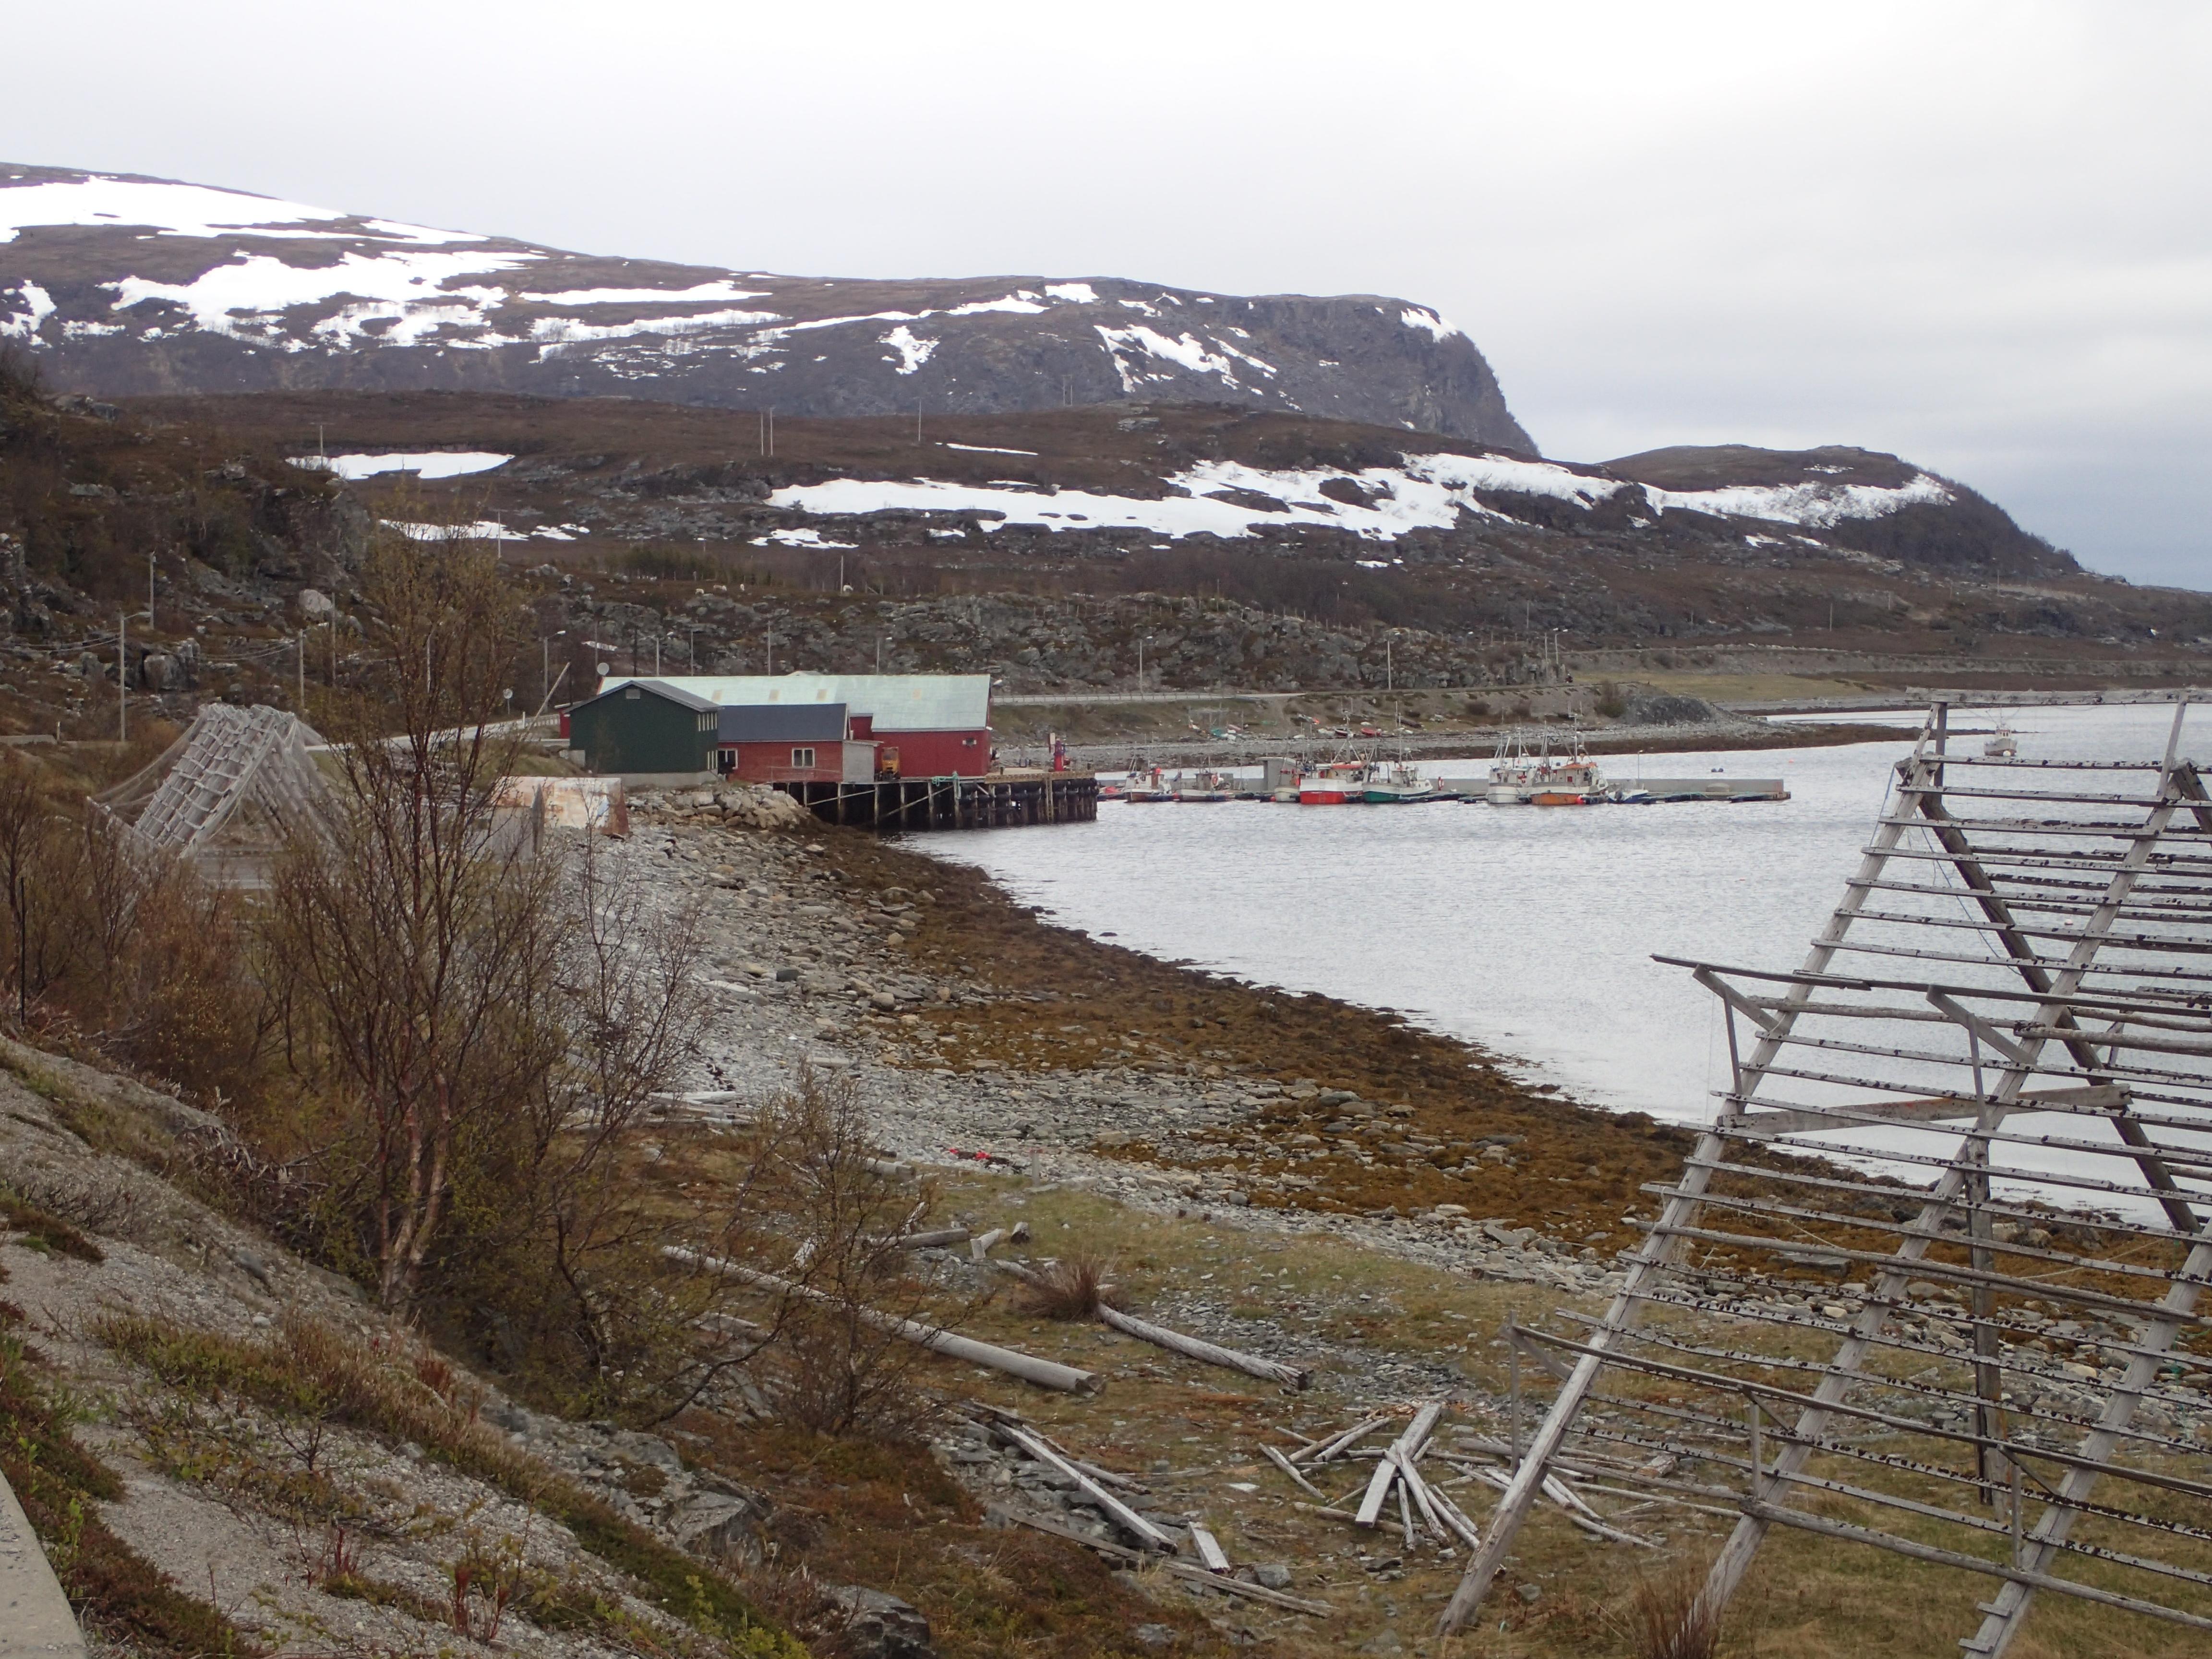 kleiner Fischerhafen an der Küstenstraße am Fjord